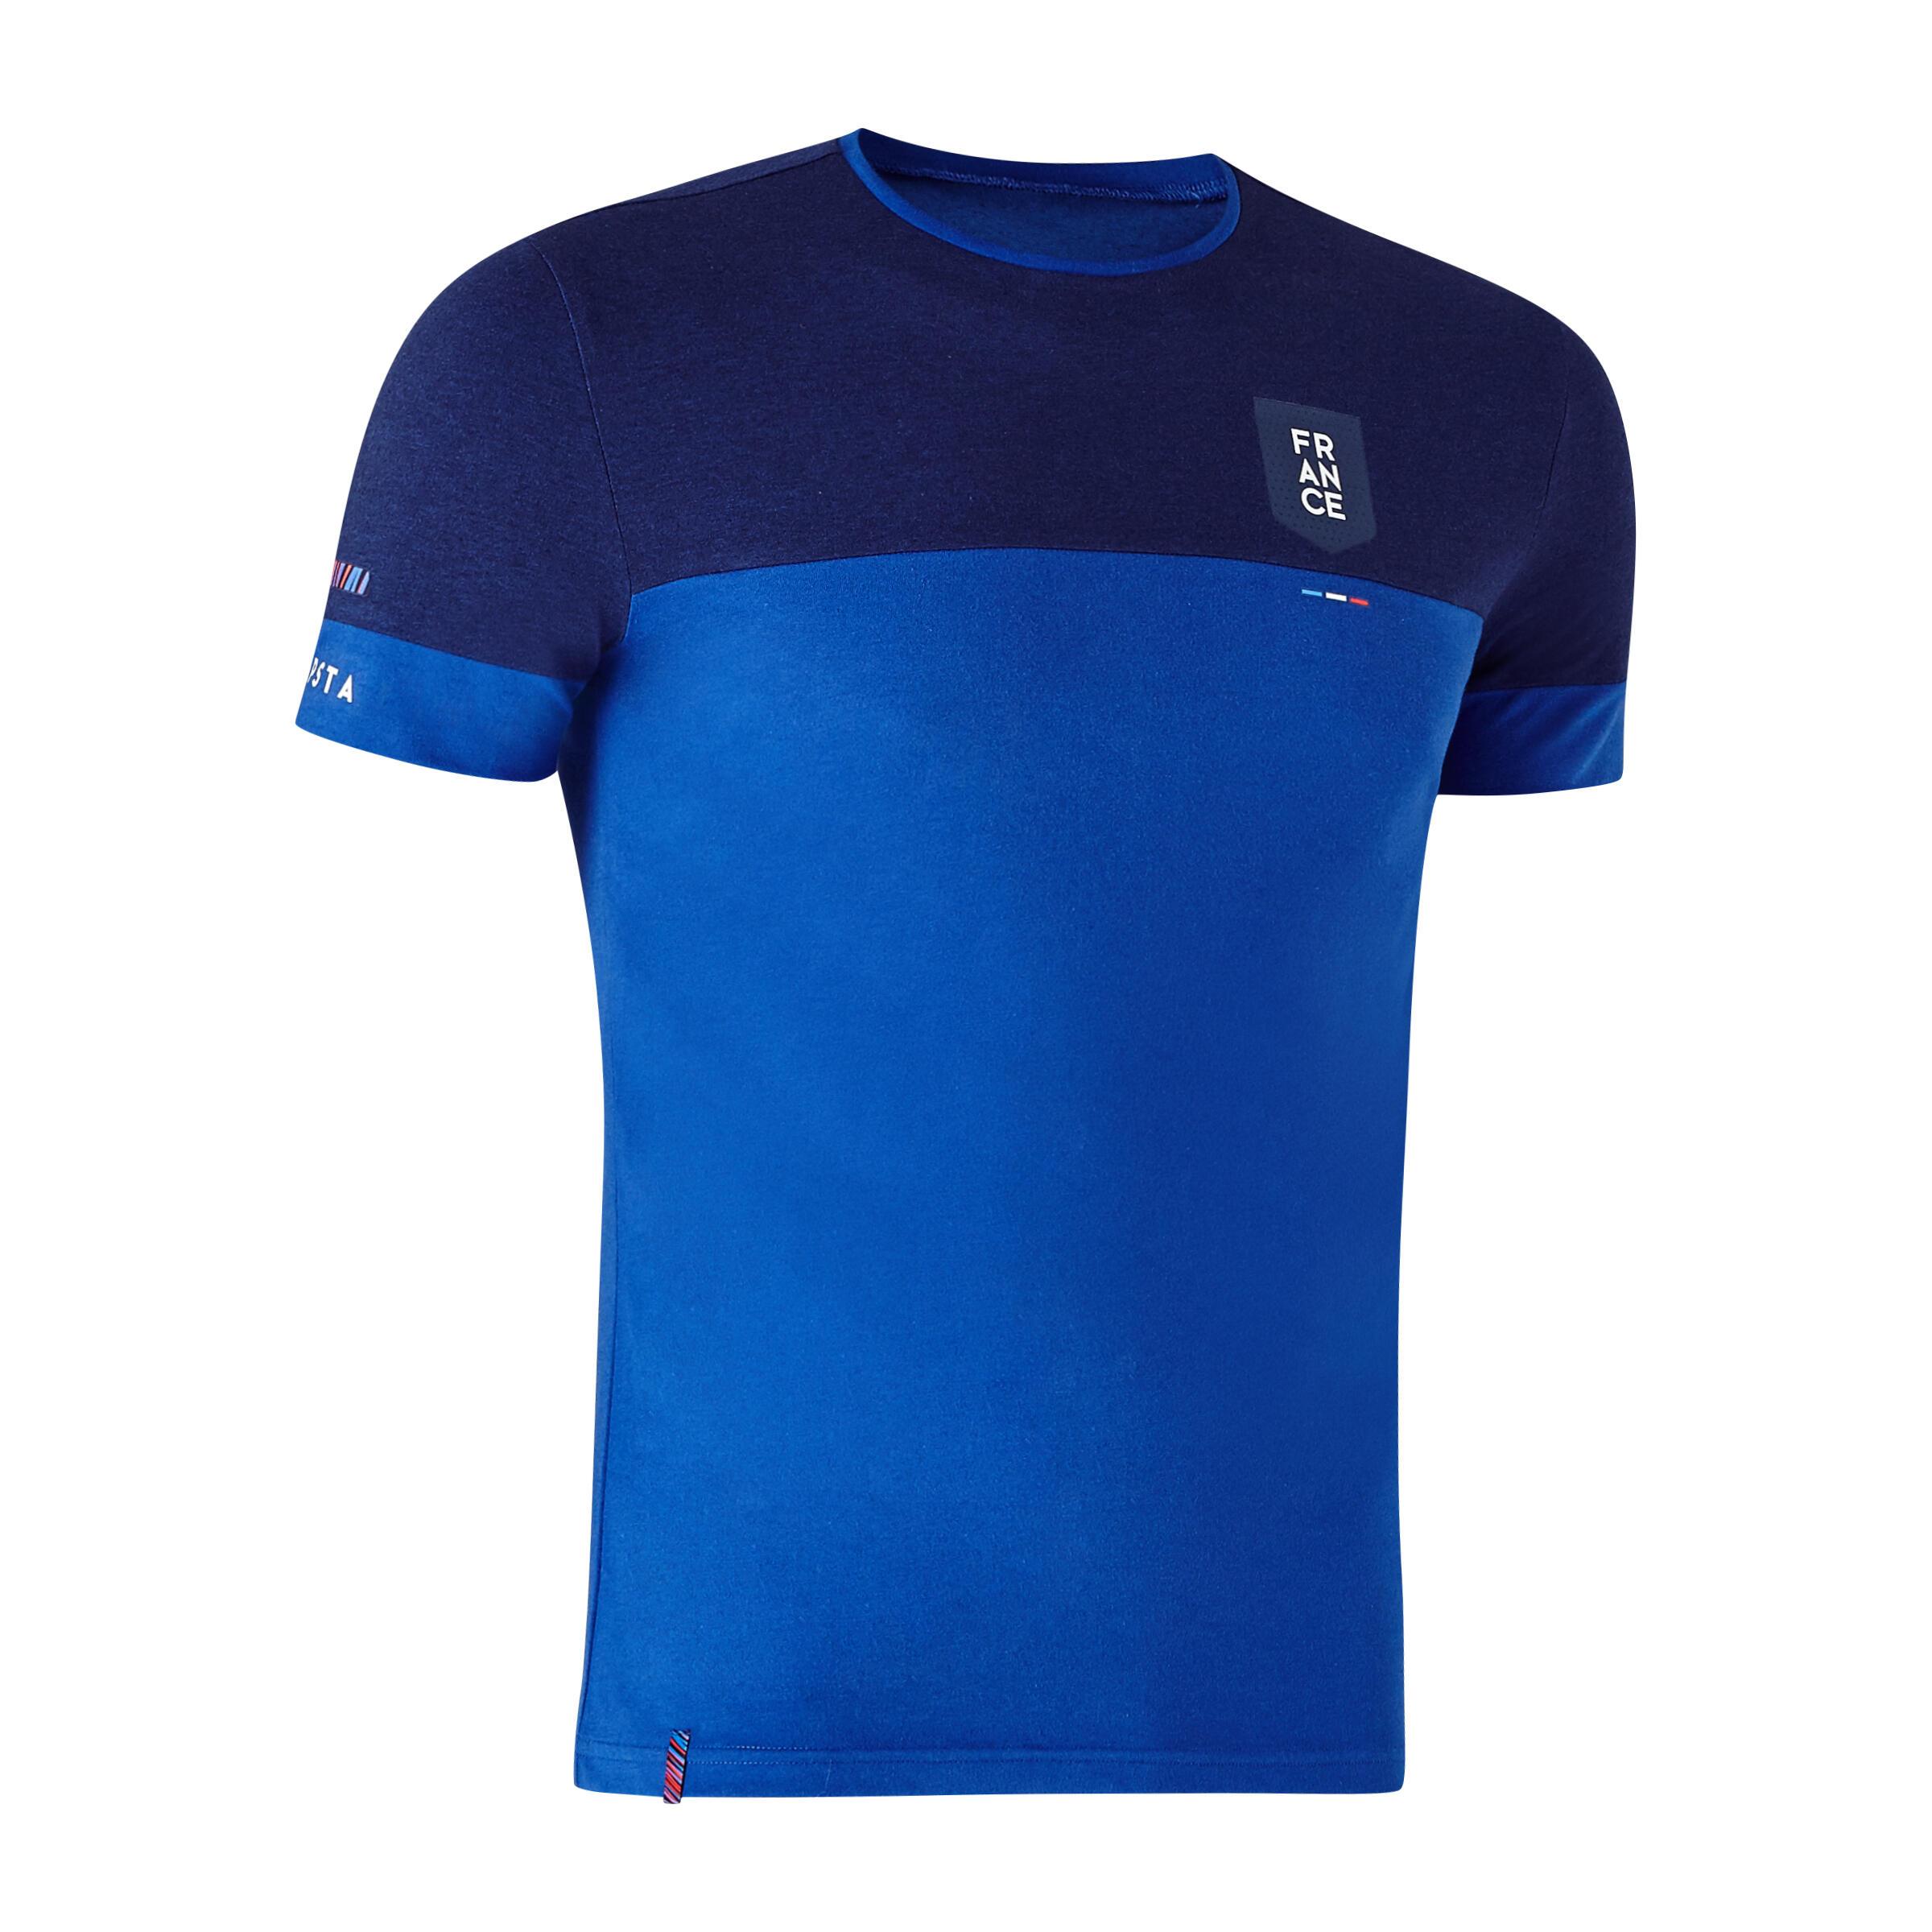 Camisetas Oficiales Selecciones y Equipos Fútbol  f3333af4a63cb